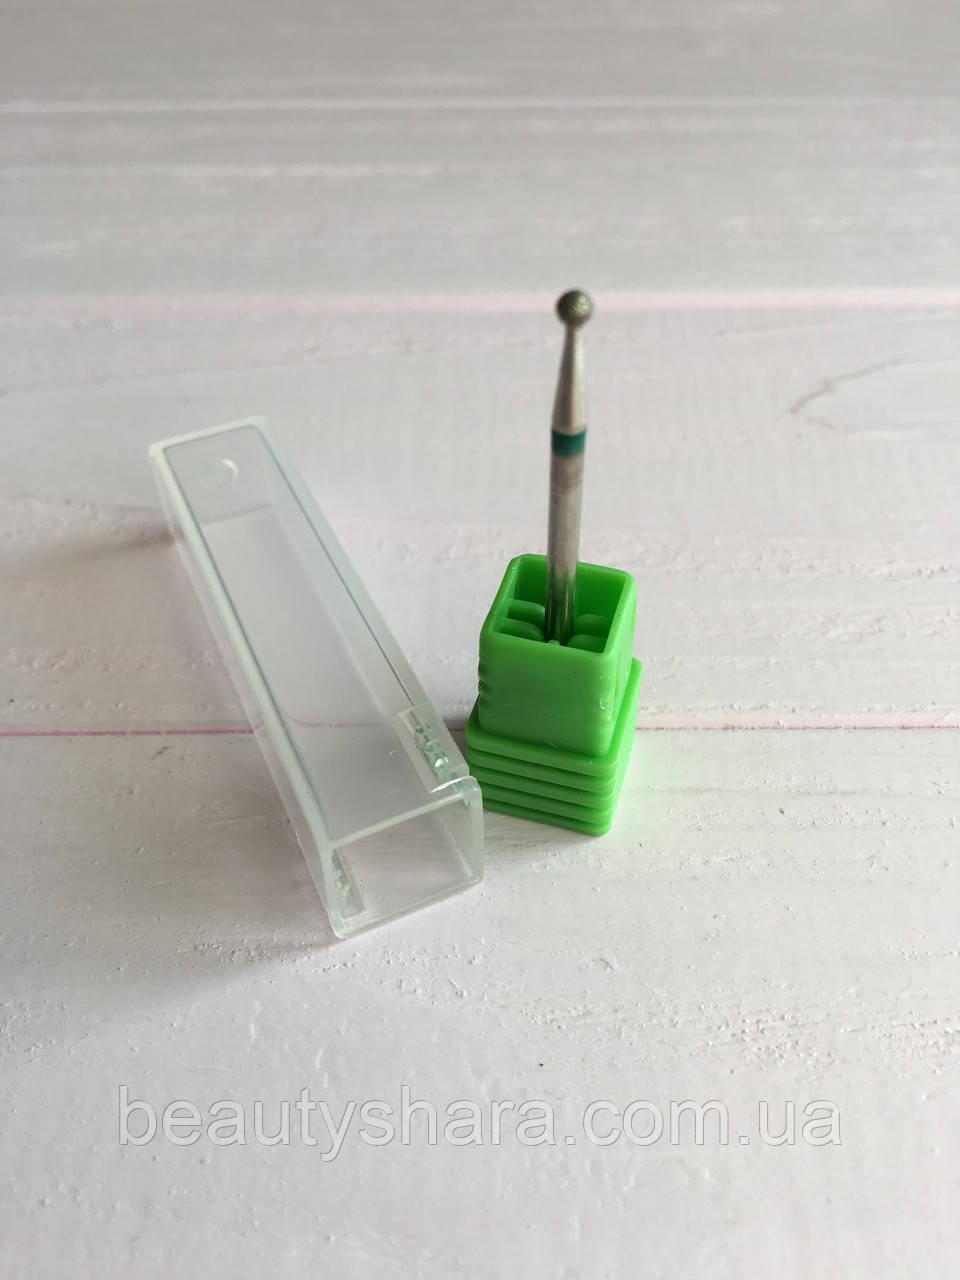 Алмазная насадка для фрезера кукуруза Flyme (зеленая)